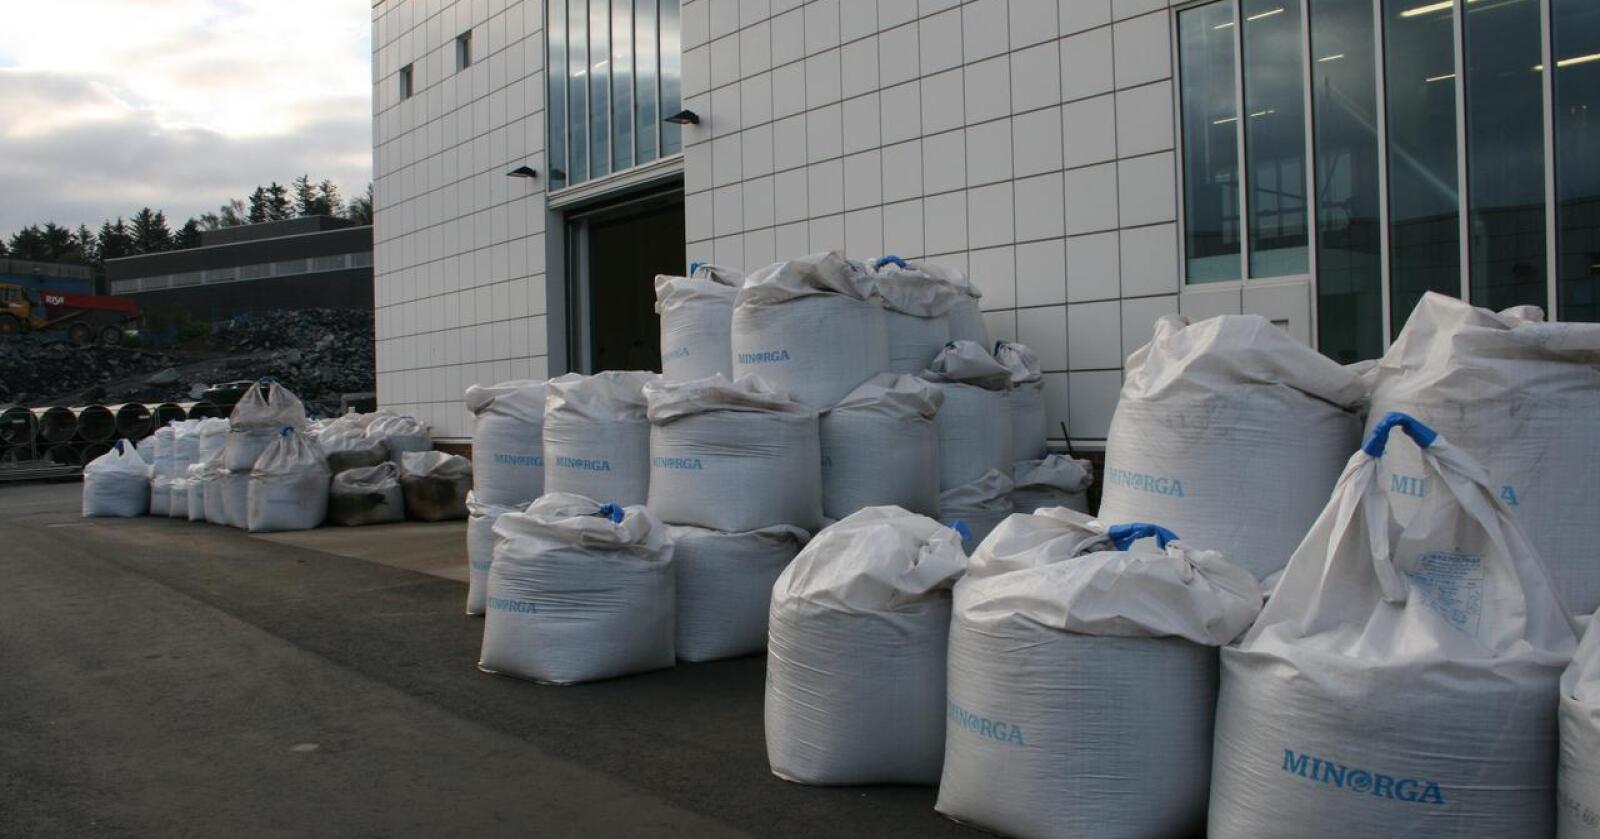 Europas første gjødselfabrikk basert på kloakkslam og matavfall ligger på Randaberg. Potensialet for vekst i sirkulær kloakkprosessering er enormt. Foto: Bjarne B. Aase